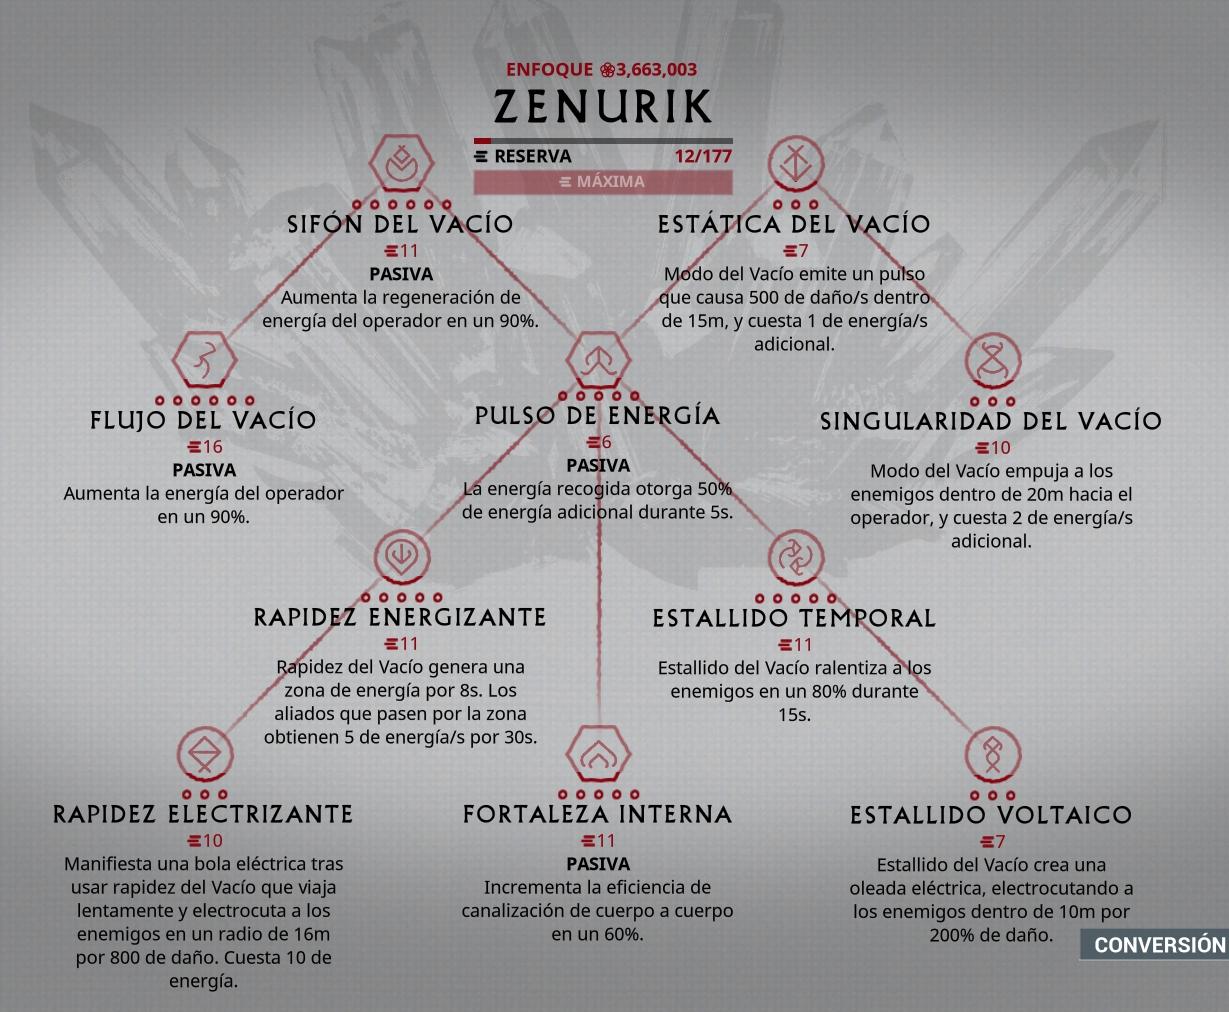 Enfoque/Zenurik